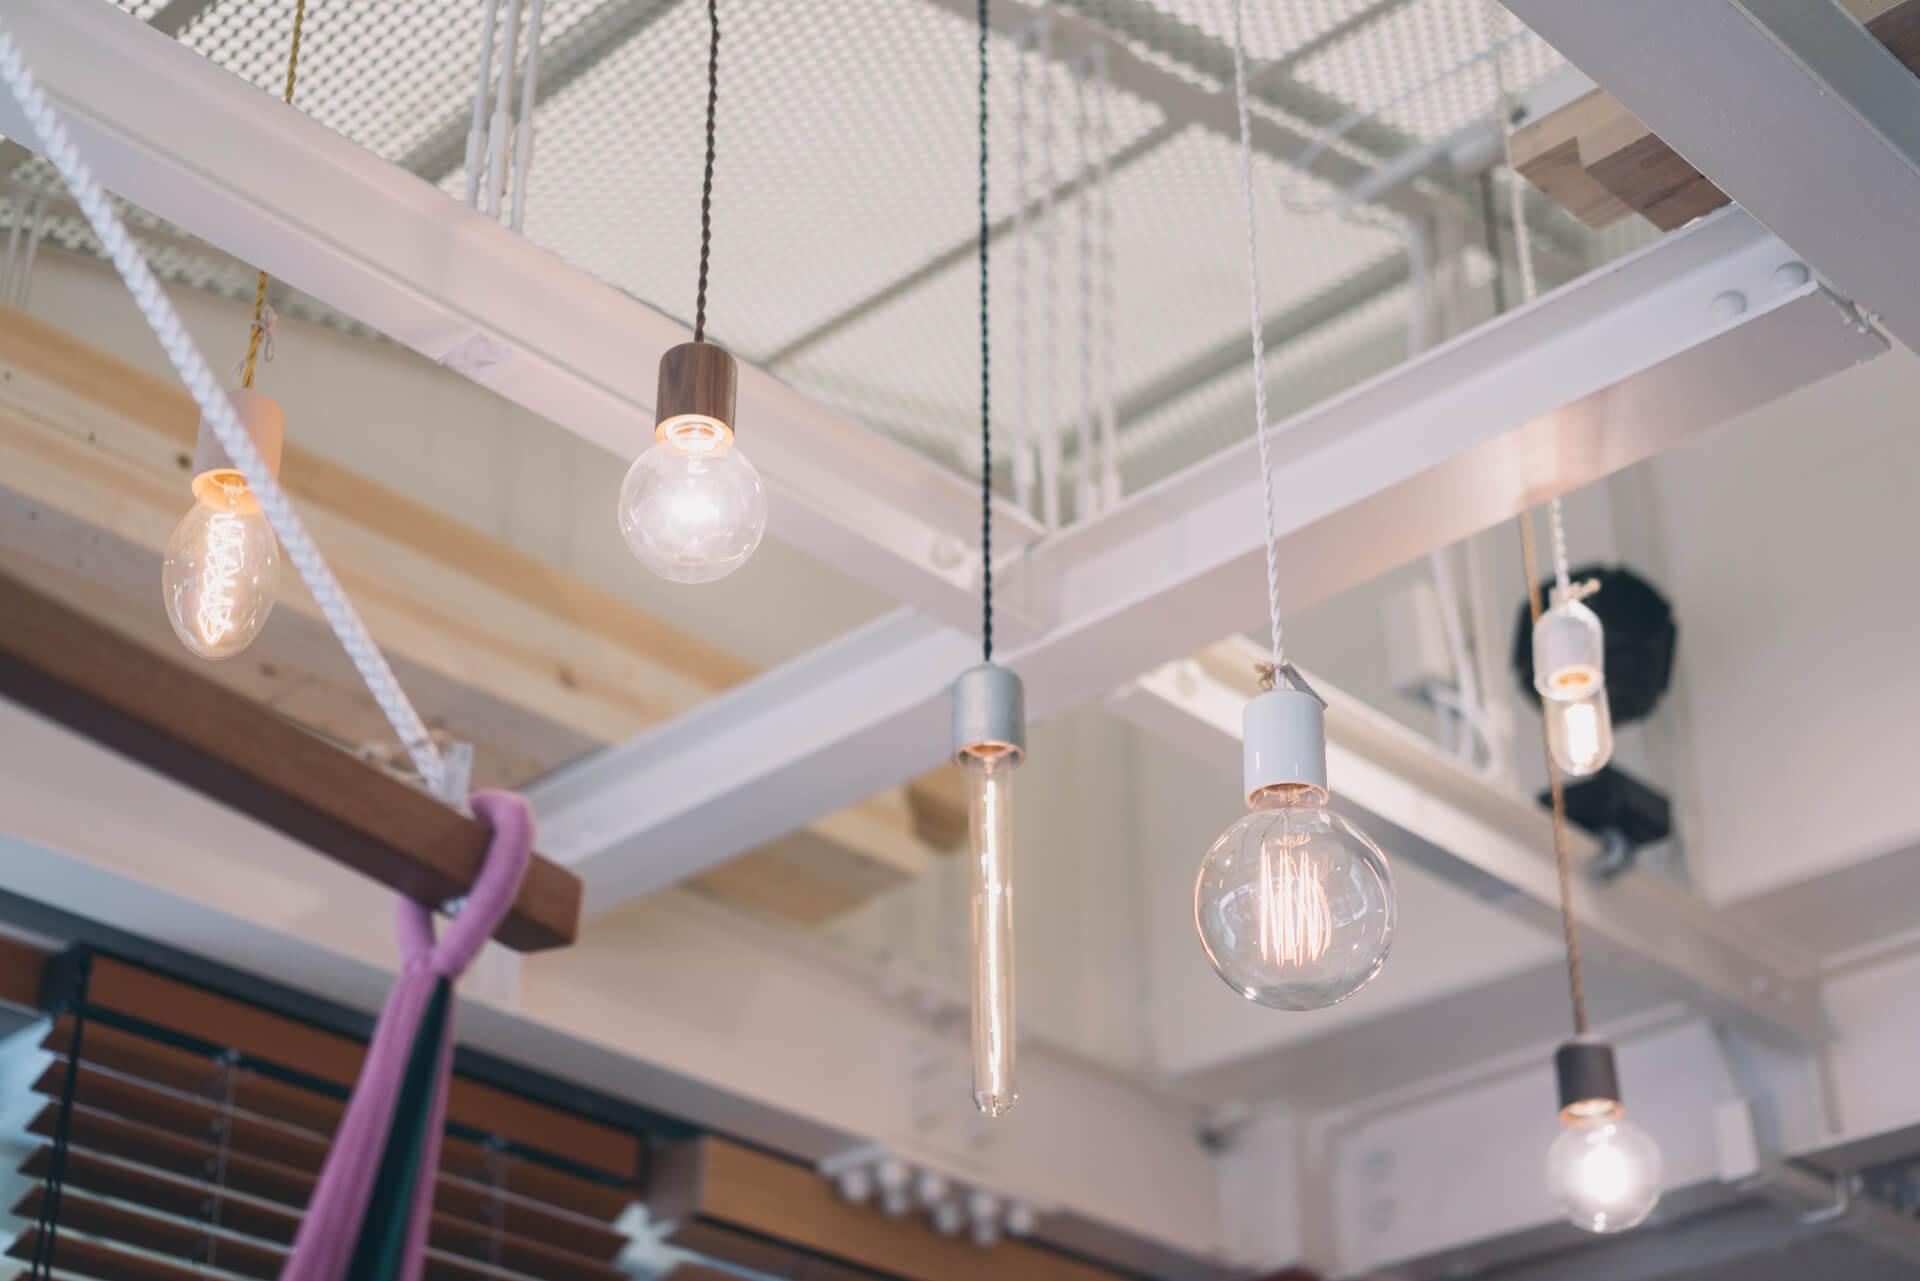 照明も、シンプルな形でありながらソケットの材質を陶器や鉄、ヒノキやサクラなど14種類もの中から選べます。